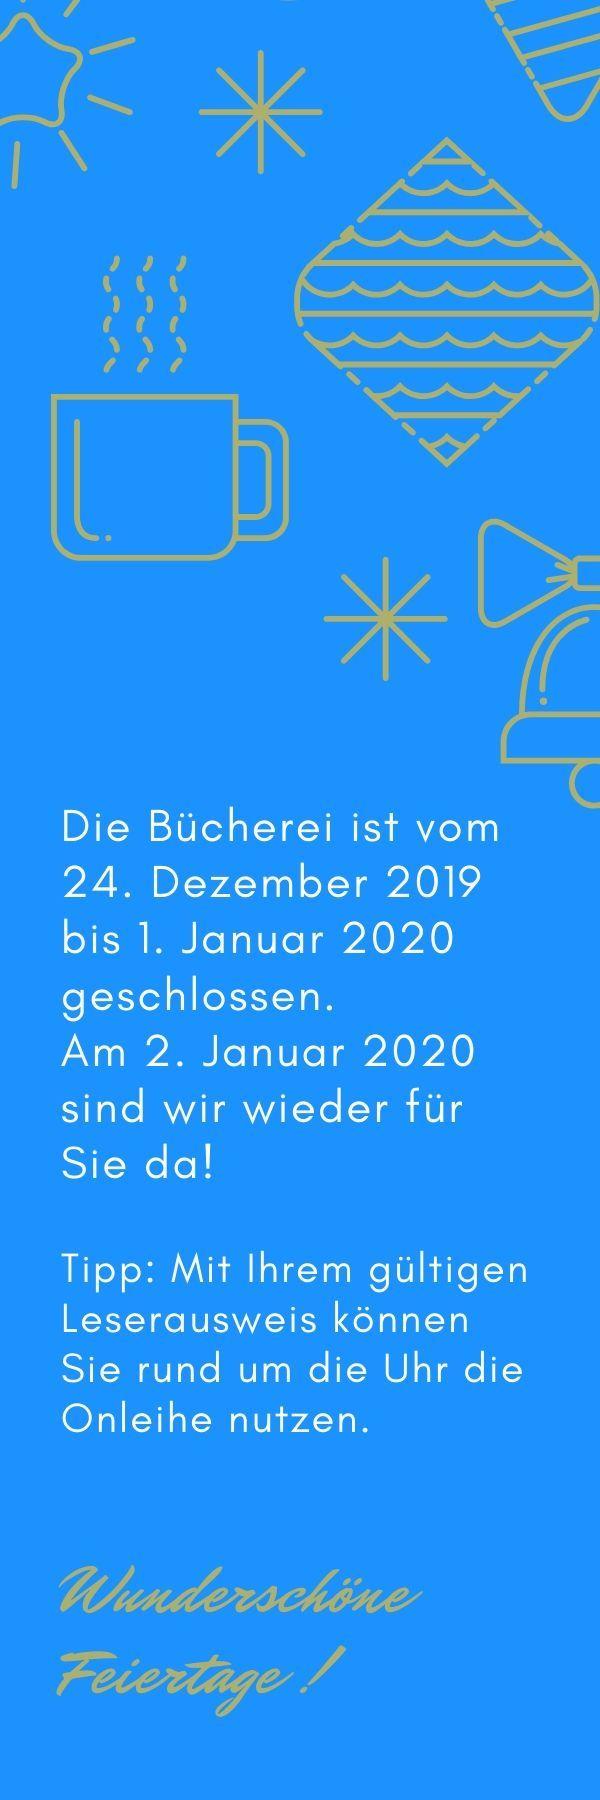 Lesezeichen_Öffnungszeiten_Weihnachten